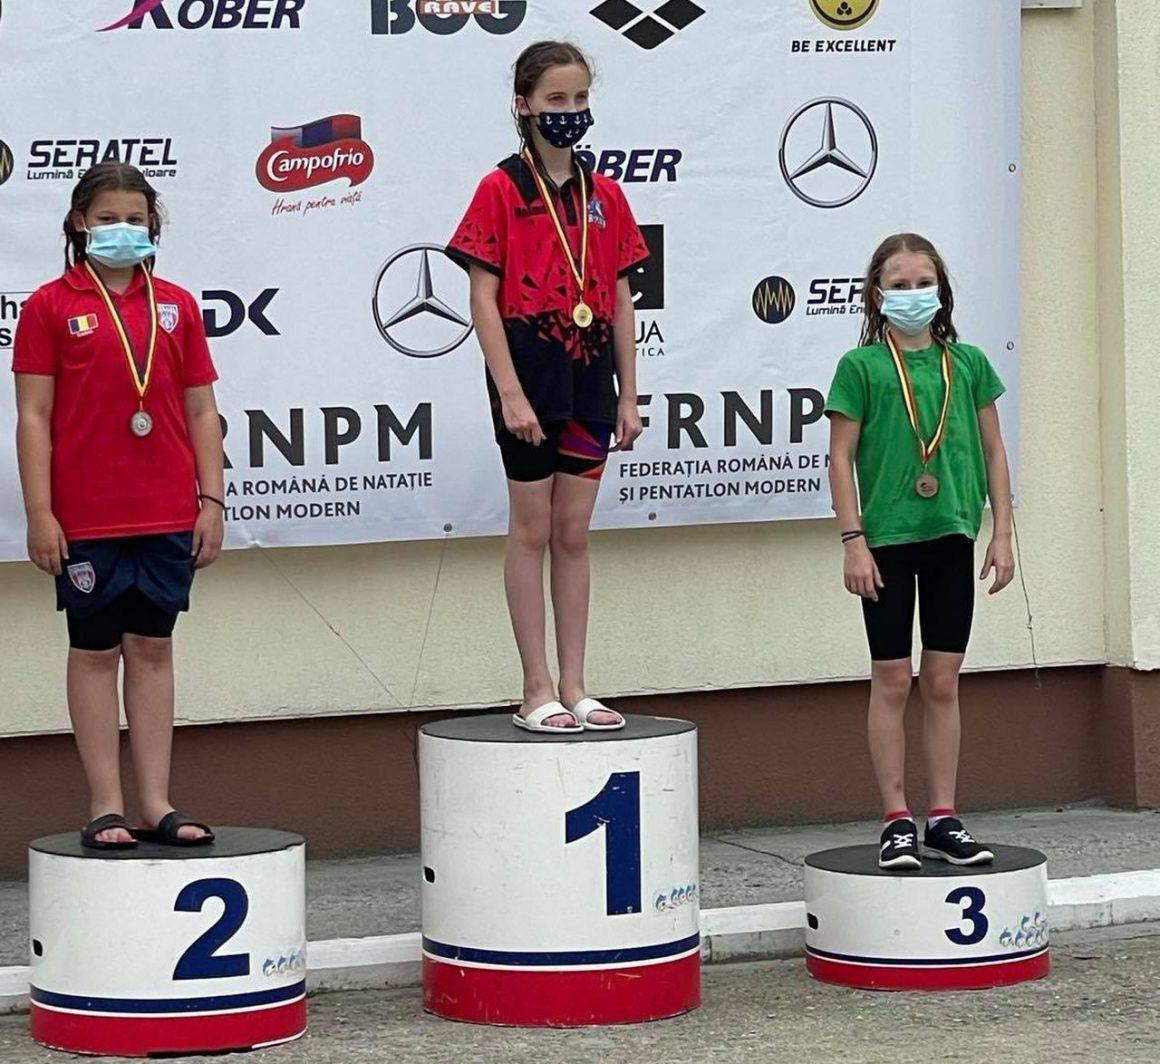 Înot: Alexandra Avram, medaliată cu bronz la Campionatul Naţional pentru copii 10-11 ani!